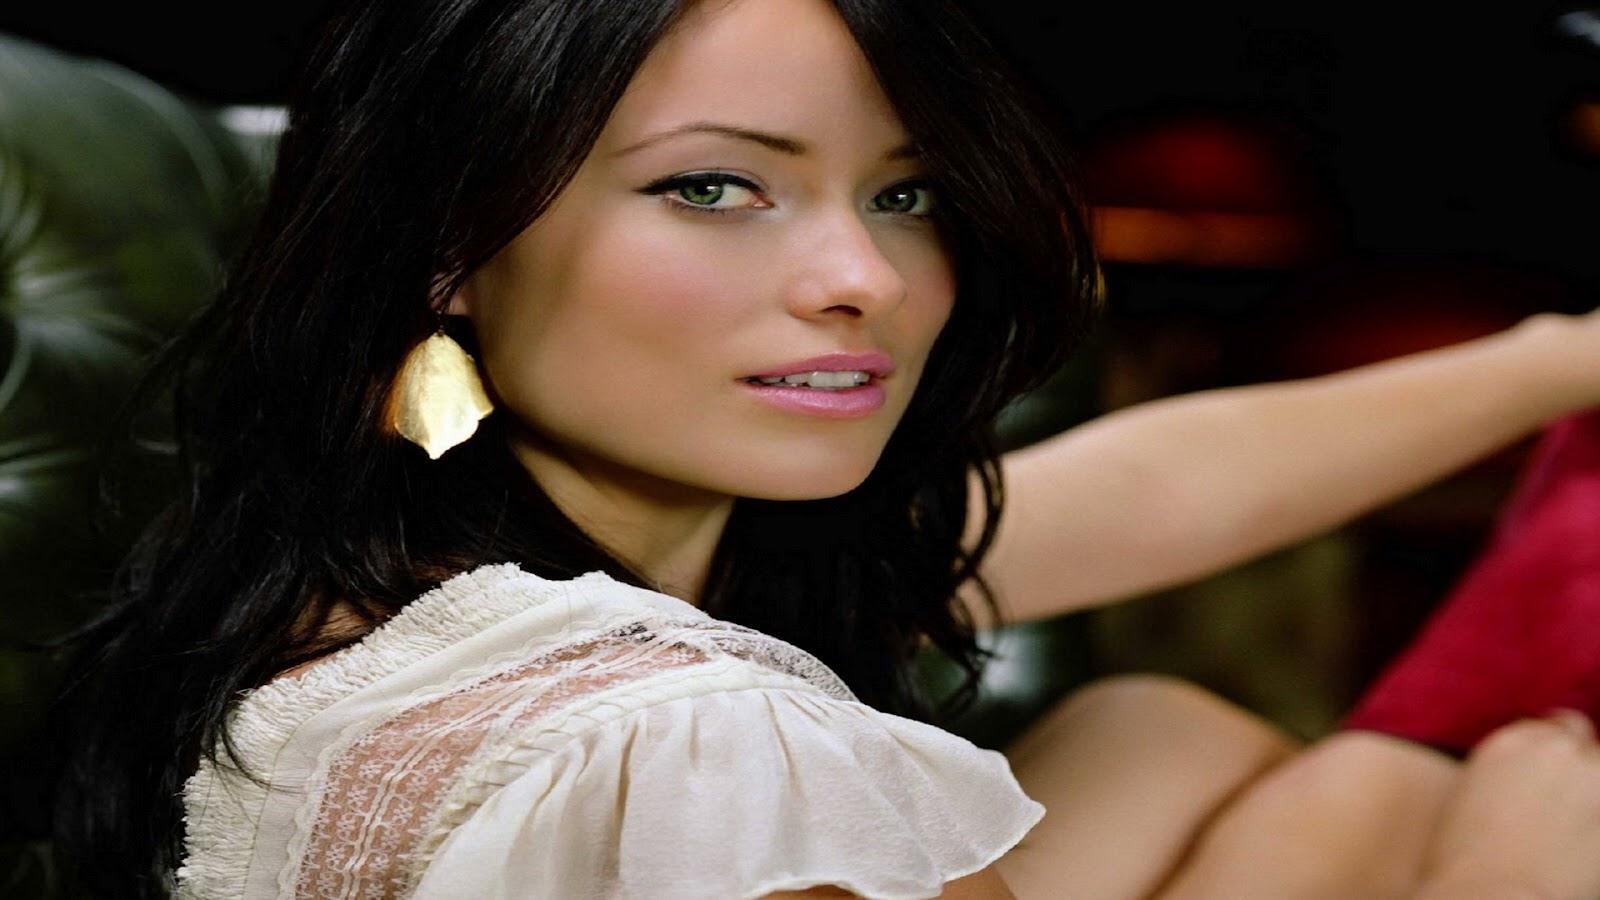 http://4.bp.blogspot.com/-QR_HknRY6rE/UB-Q86GSblI/AAAAAAAALOA/0iw8TDenT1Y/s1600/Olivia-Wilde-Wallpapers-19.jpg